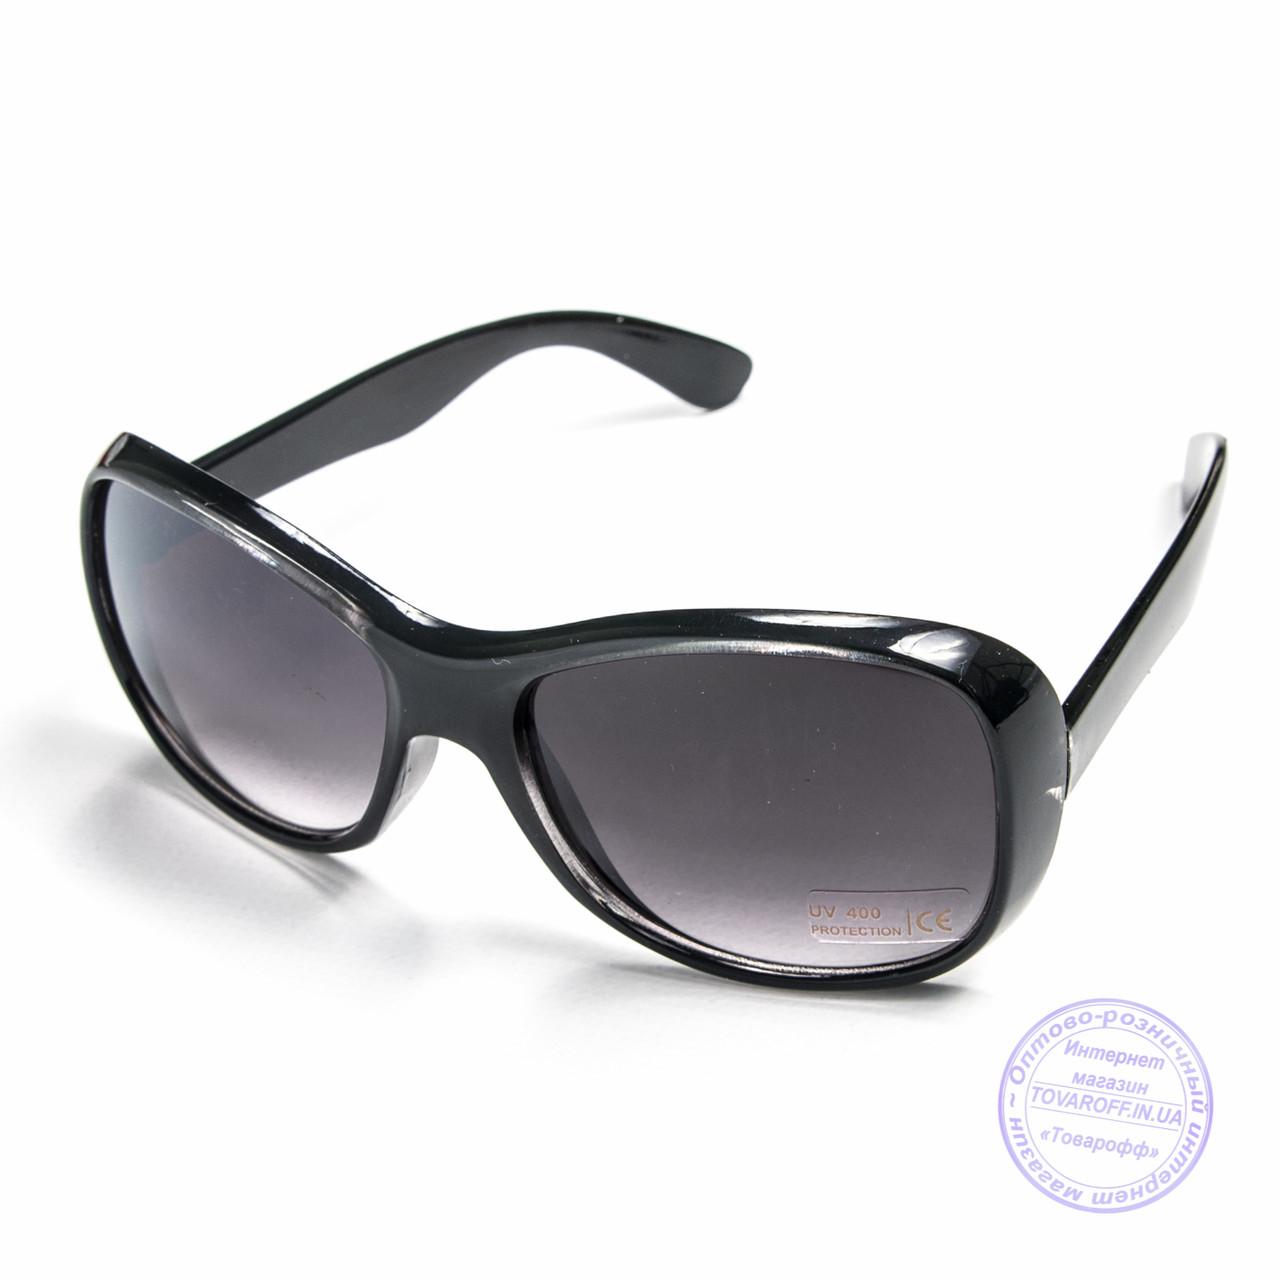 Розпродаж жіночих сонцезахисних окулярів - Чорні - B922